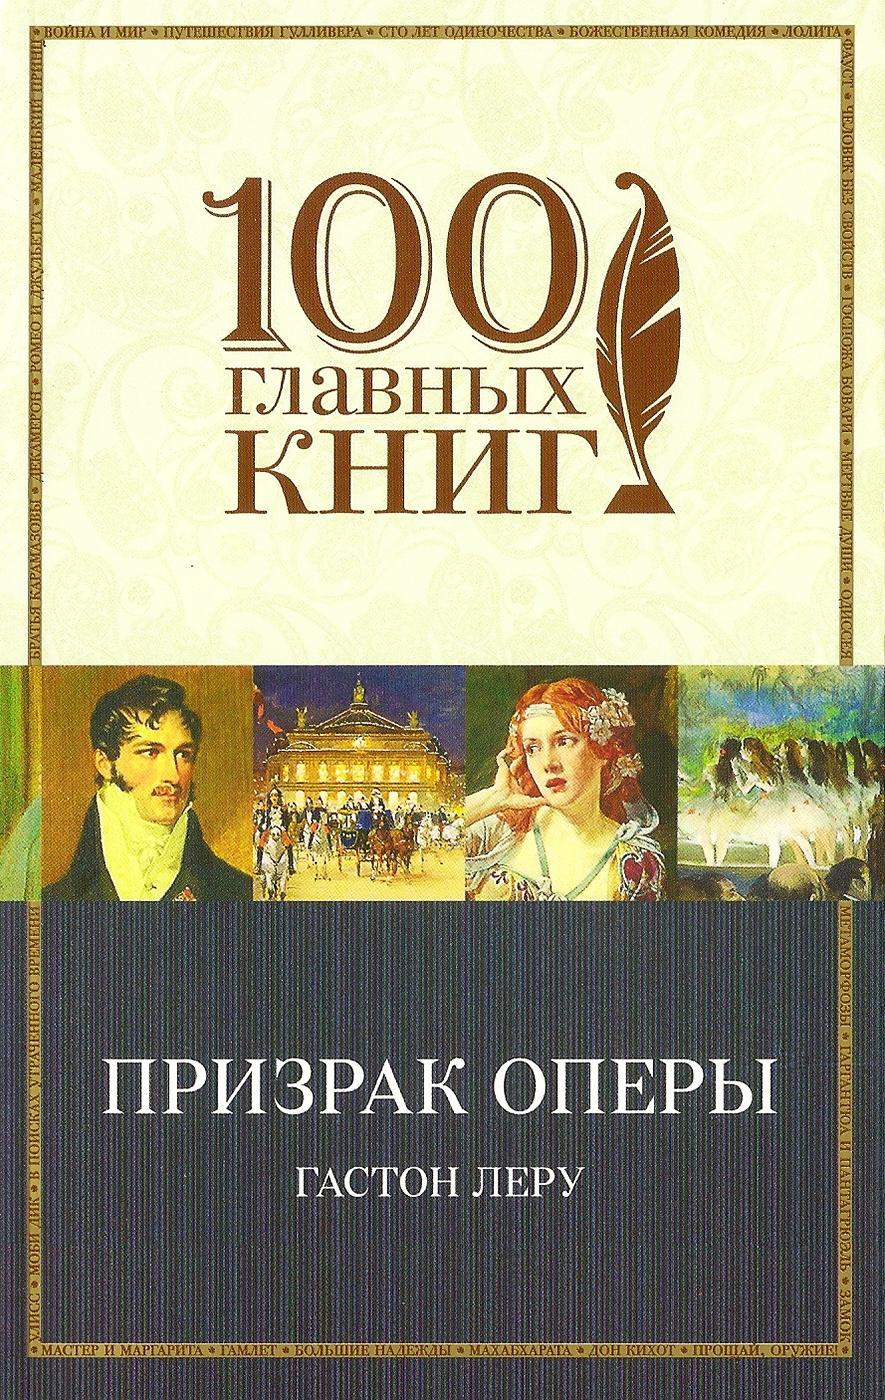 Призрак оперы скачать mp3 русская версия